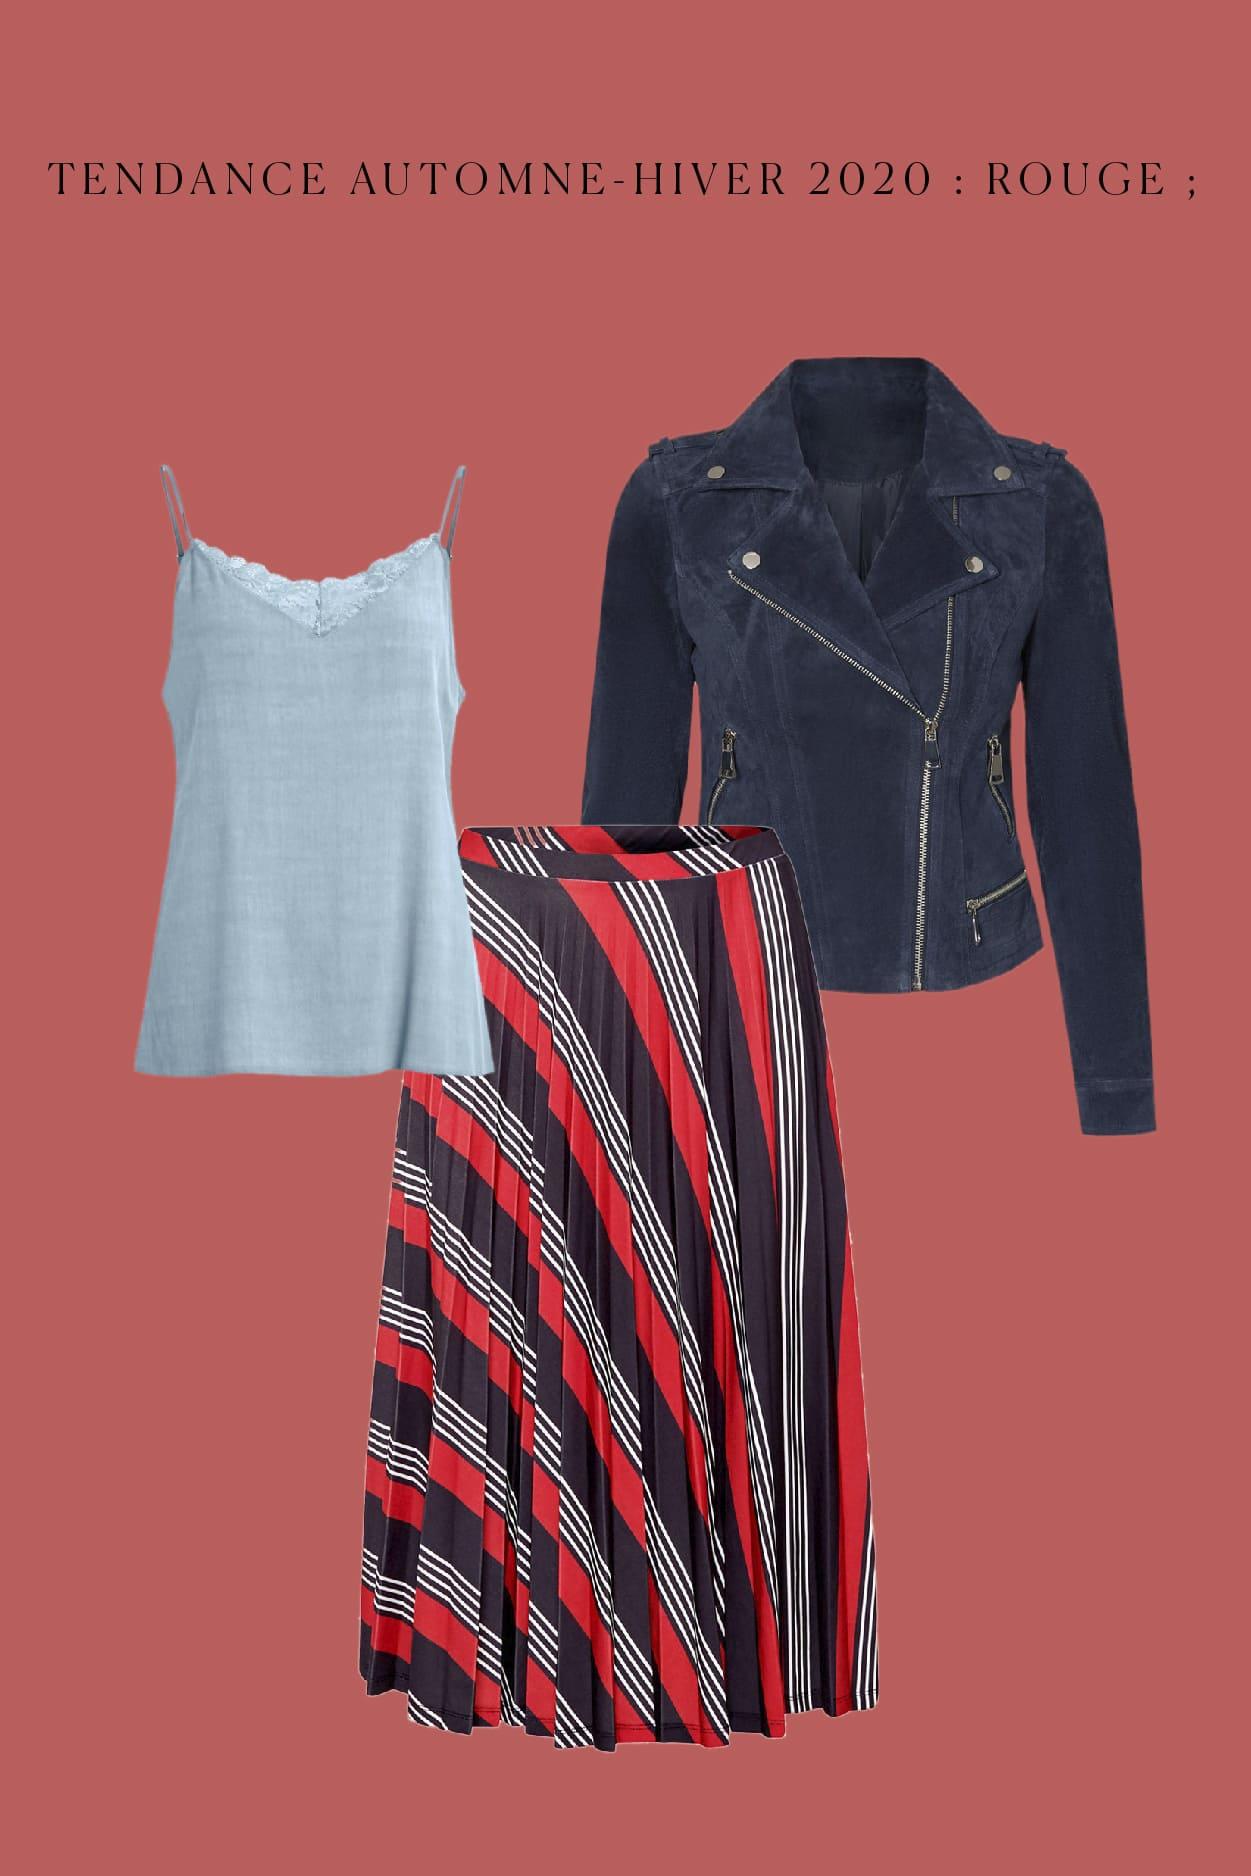 tenue trendy en rouge pour l'automen-hiver 2020-21